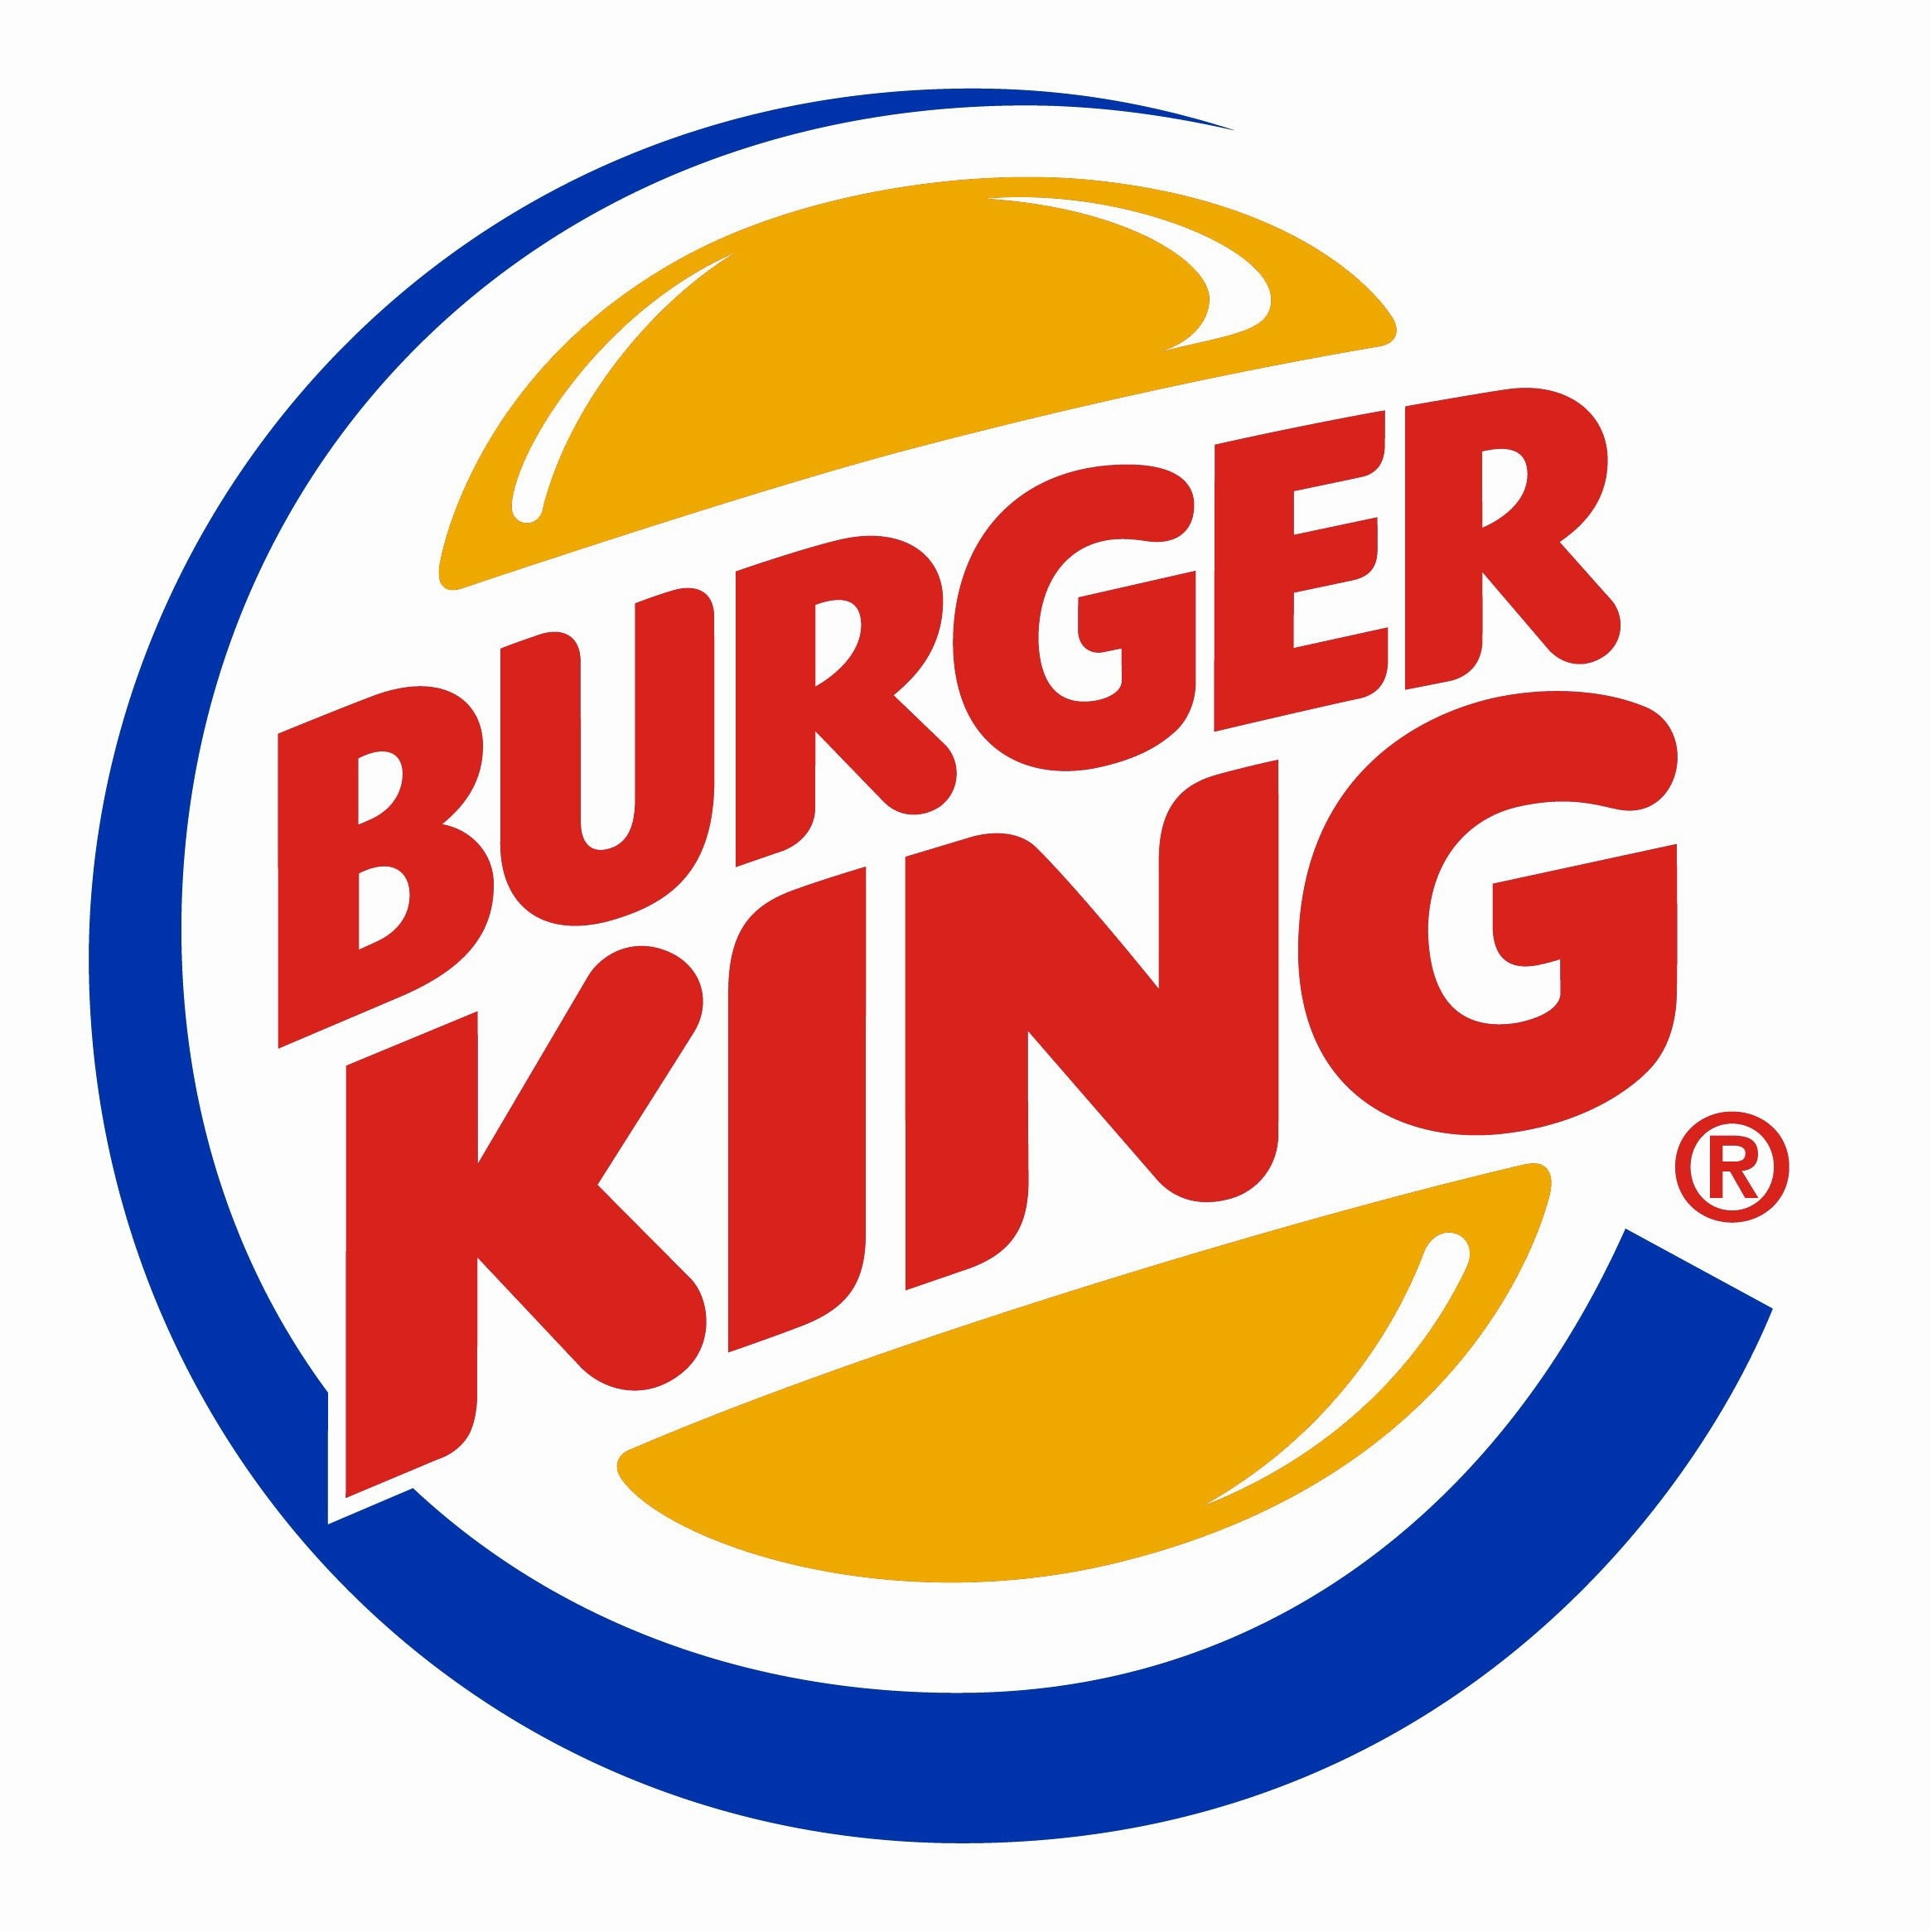 Burger-King-sahibi-kim